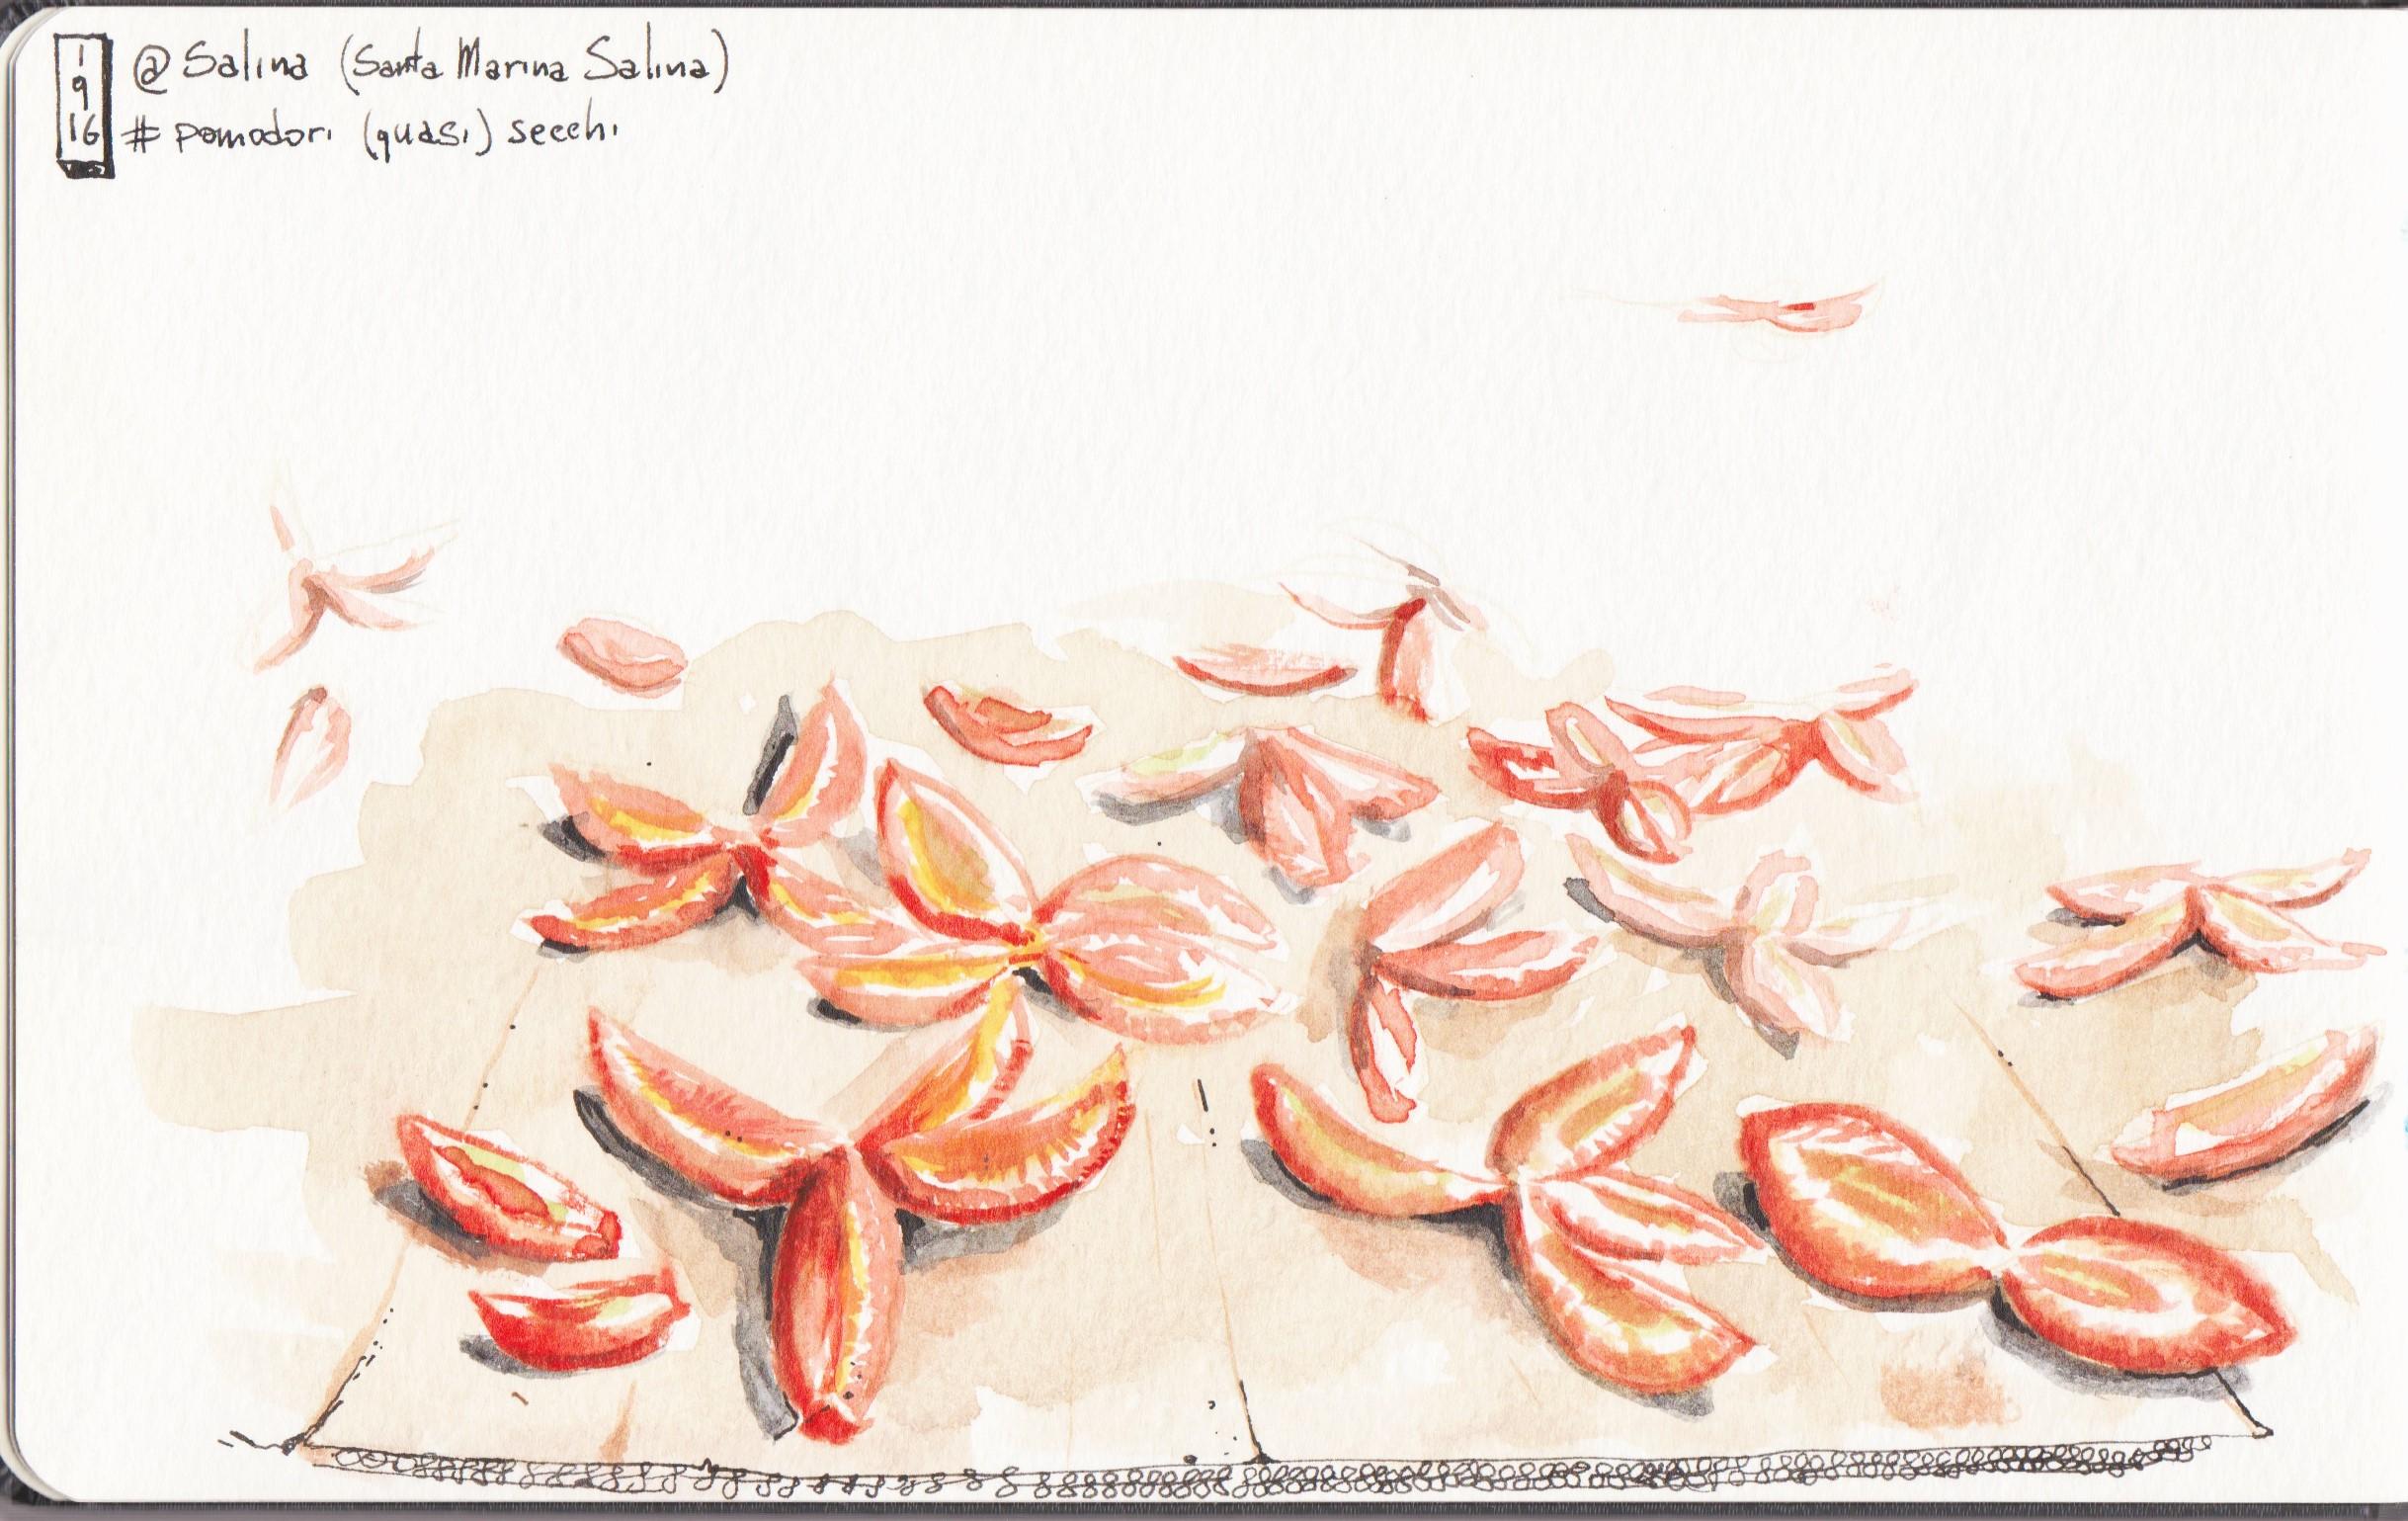 Salina, Pomodori Secchi